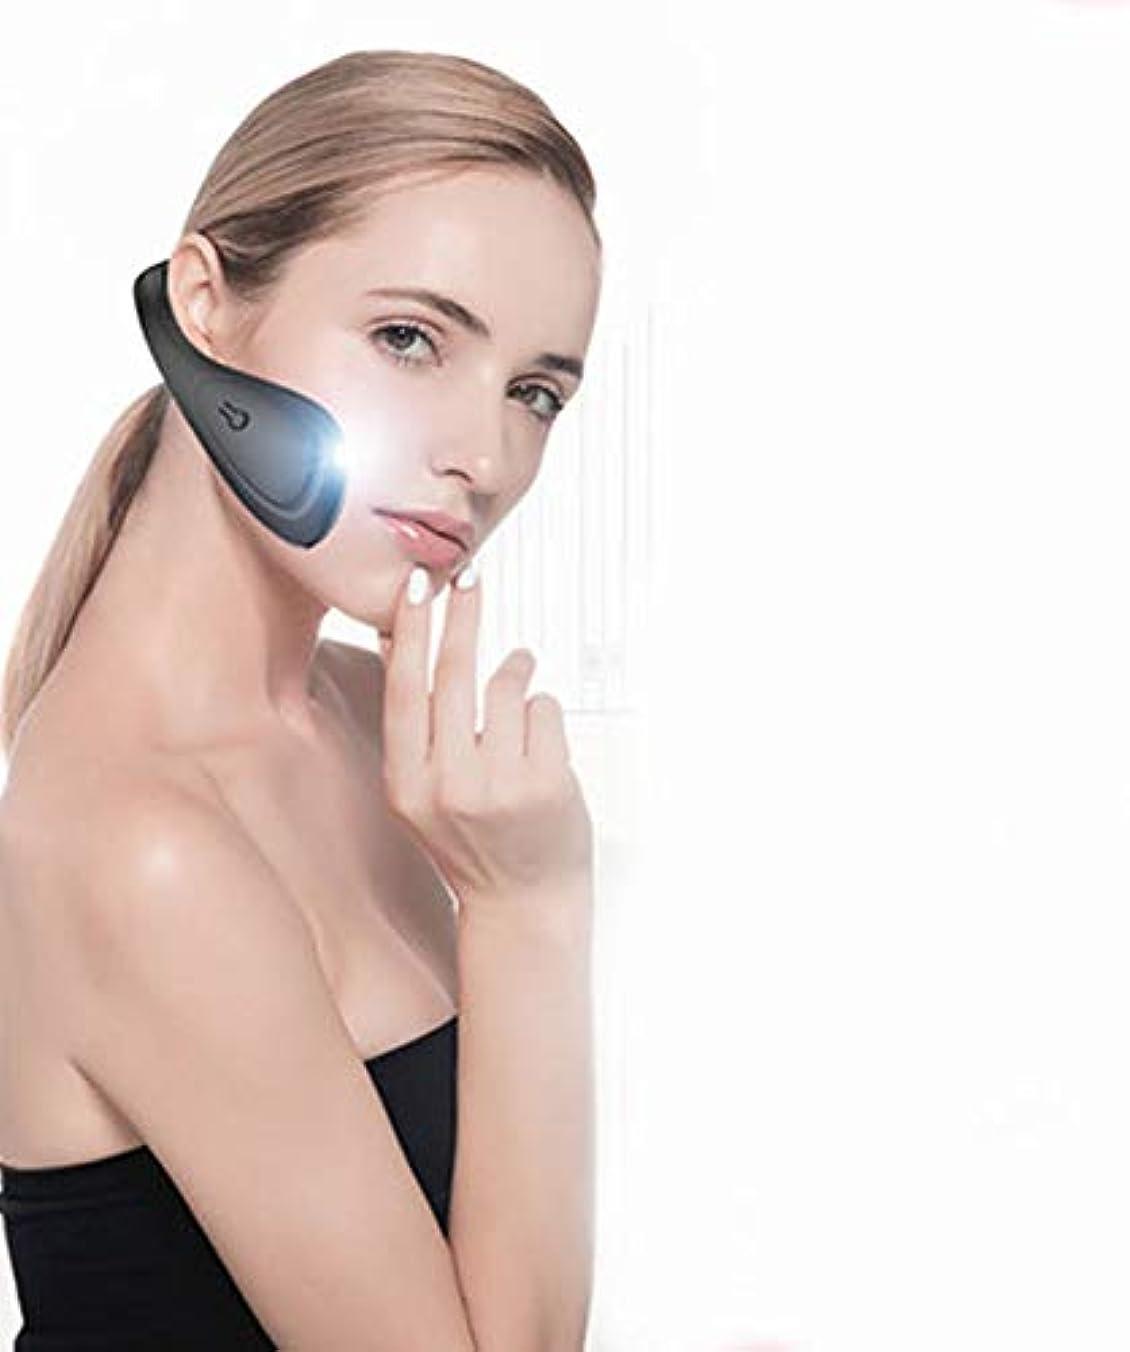 流暢治療考えたNfudishpu顔リフティングアーティファクトV顔包帯下顎頬骨咬筋補正顔シリコーン電気美容機器